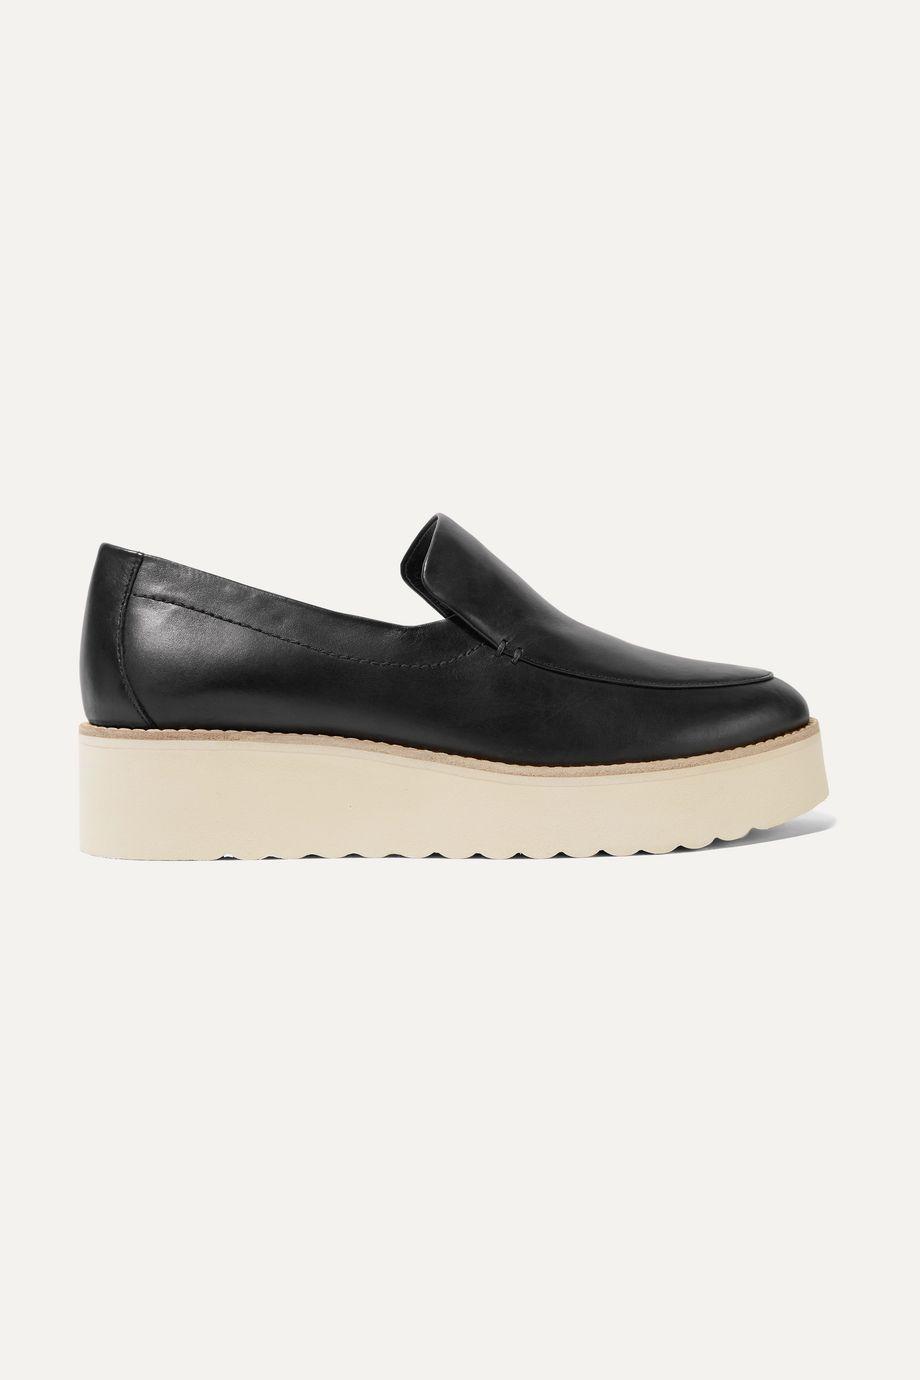 Vince Zeta leather platform loafers